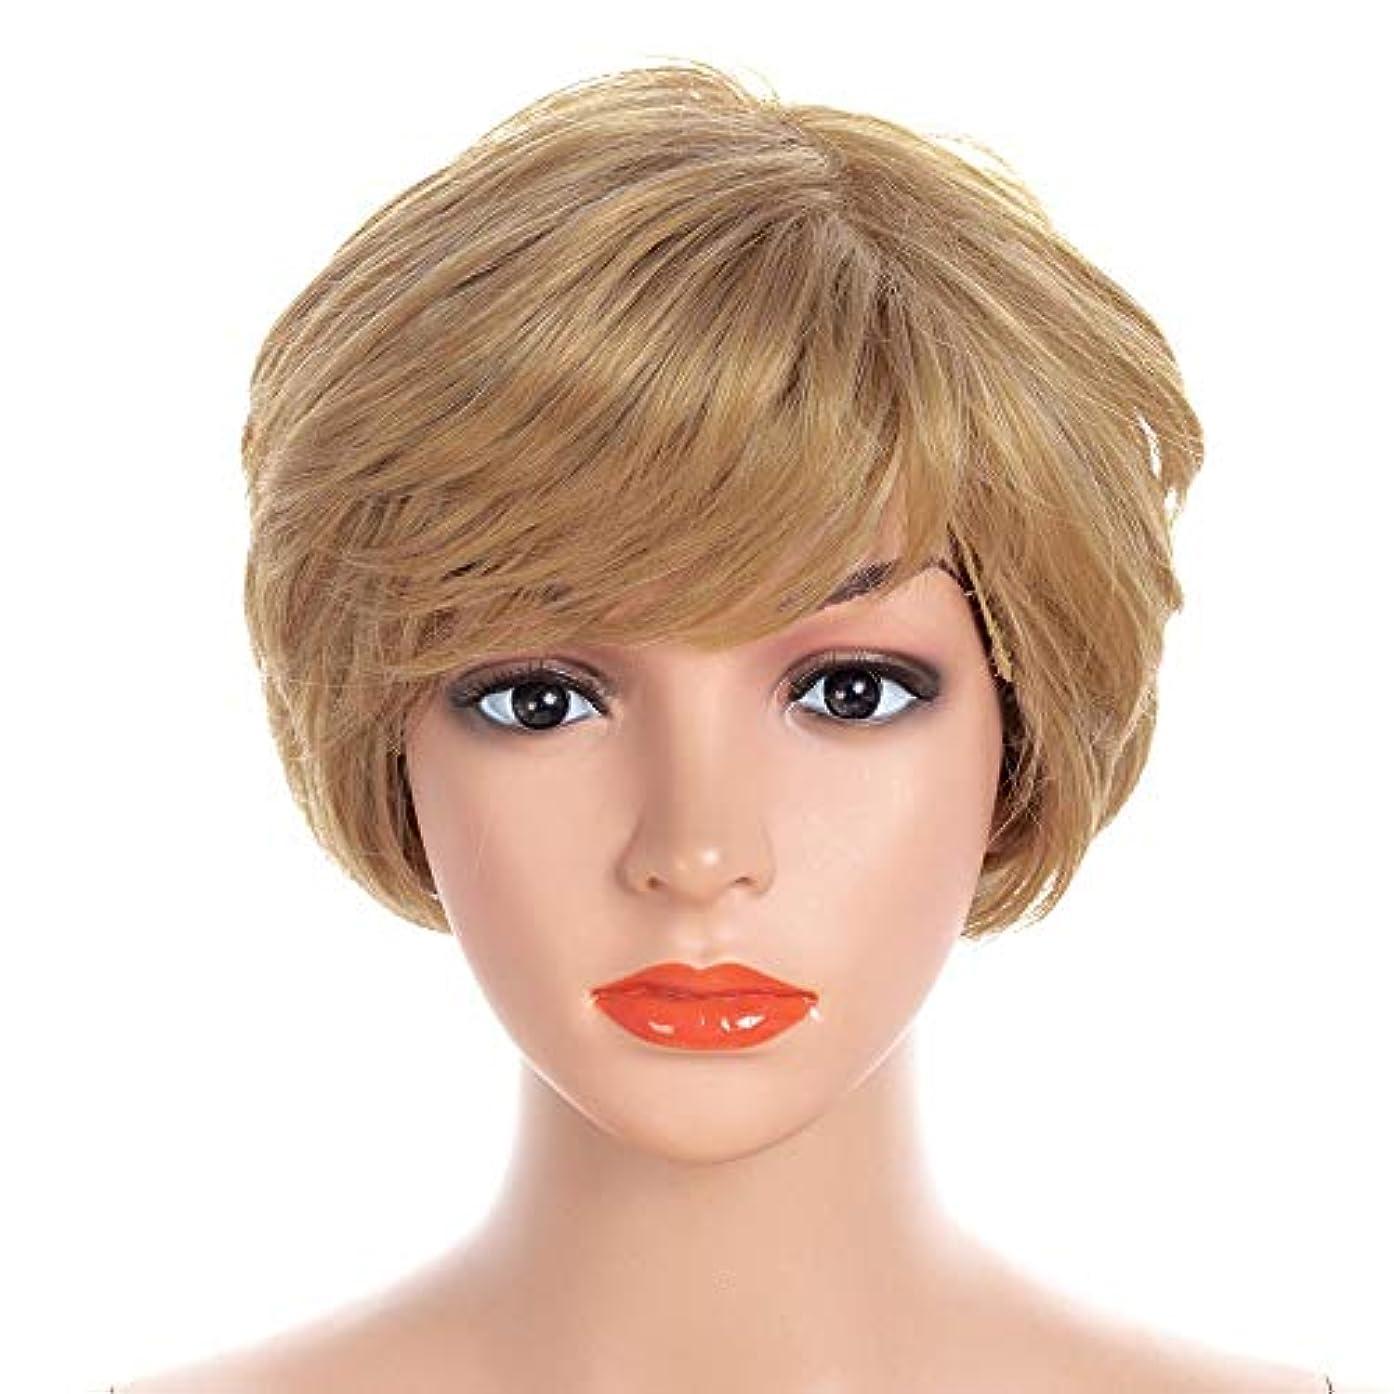 有毒ボックスWASAIO 人工毛ボブショートカーリーブロンドアクセサリースタイル交換用無料ネットコスプレパーティードレス (色 : Blonde, サイズ : 30cm)